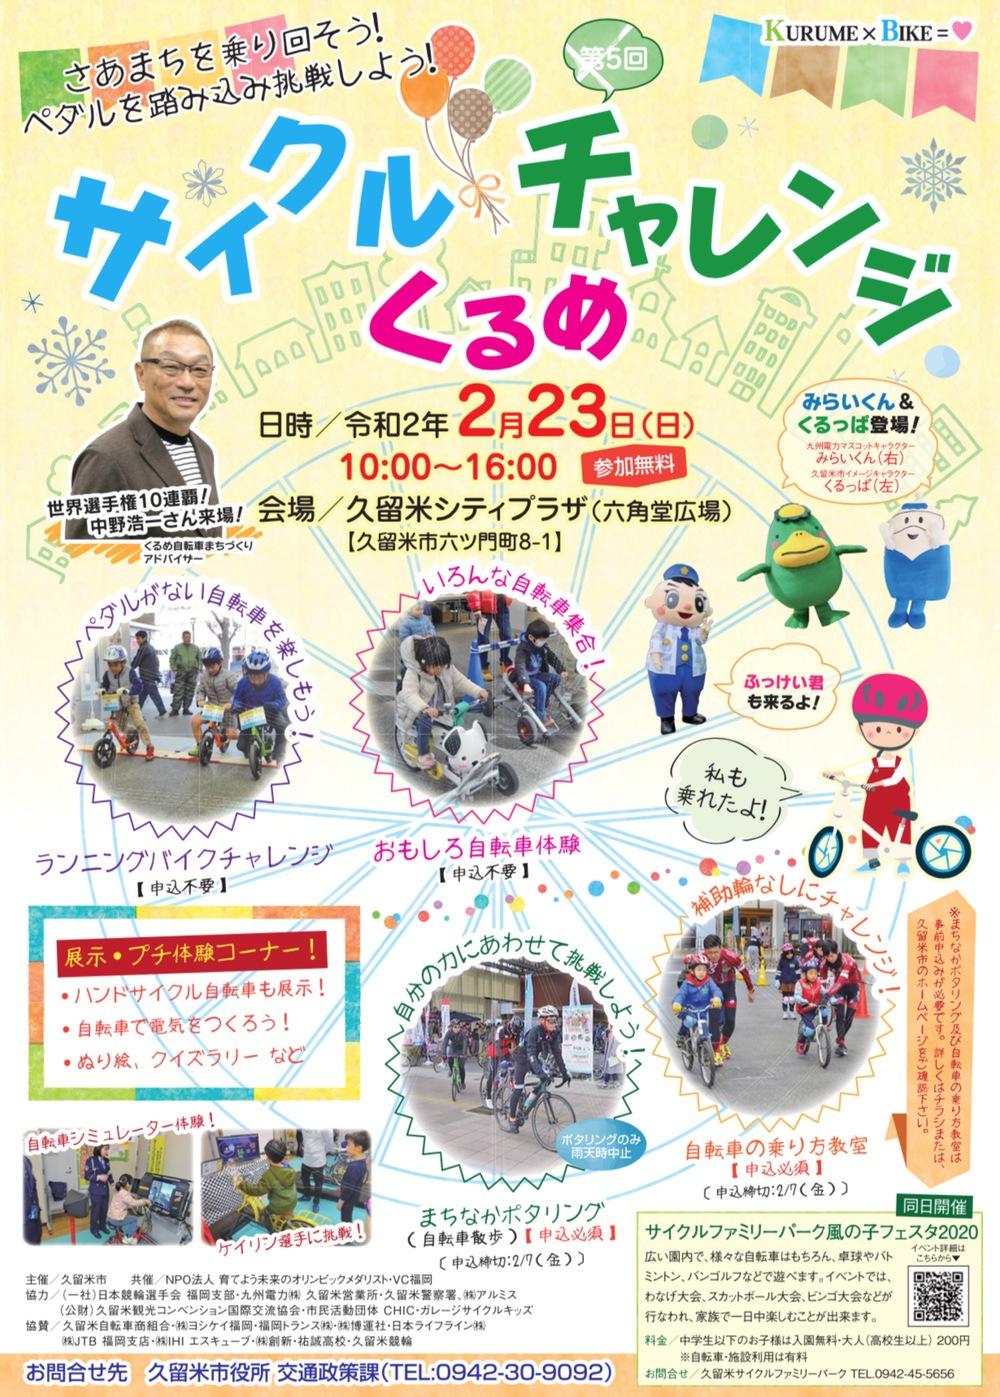 サイクルチャレンジくるめ まちなかポタリングや自転車乗り方教室開催